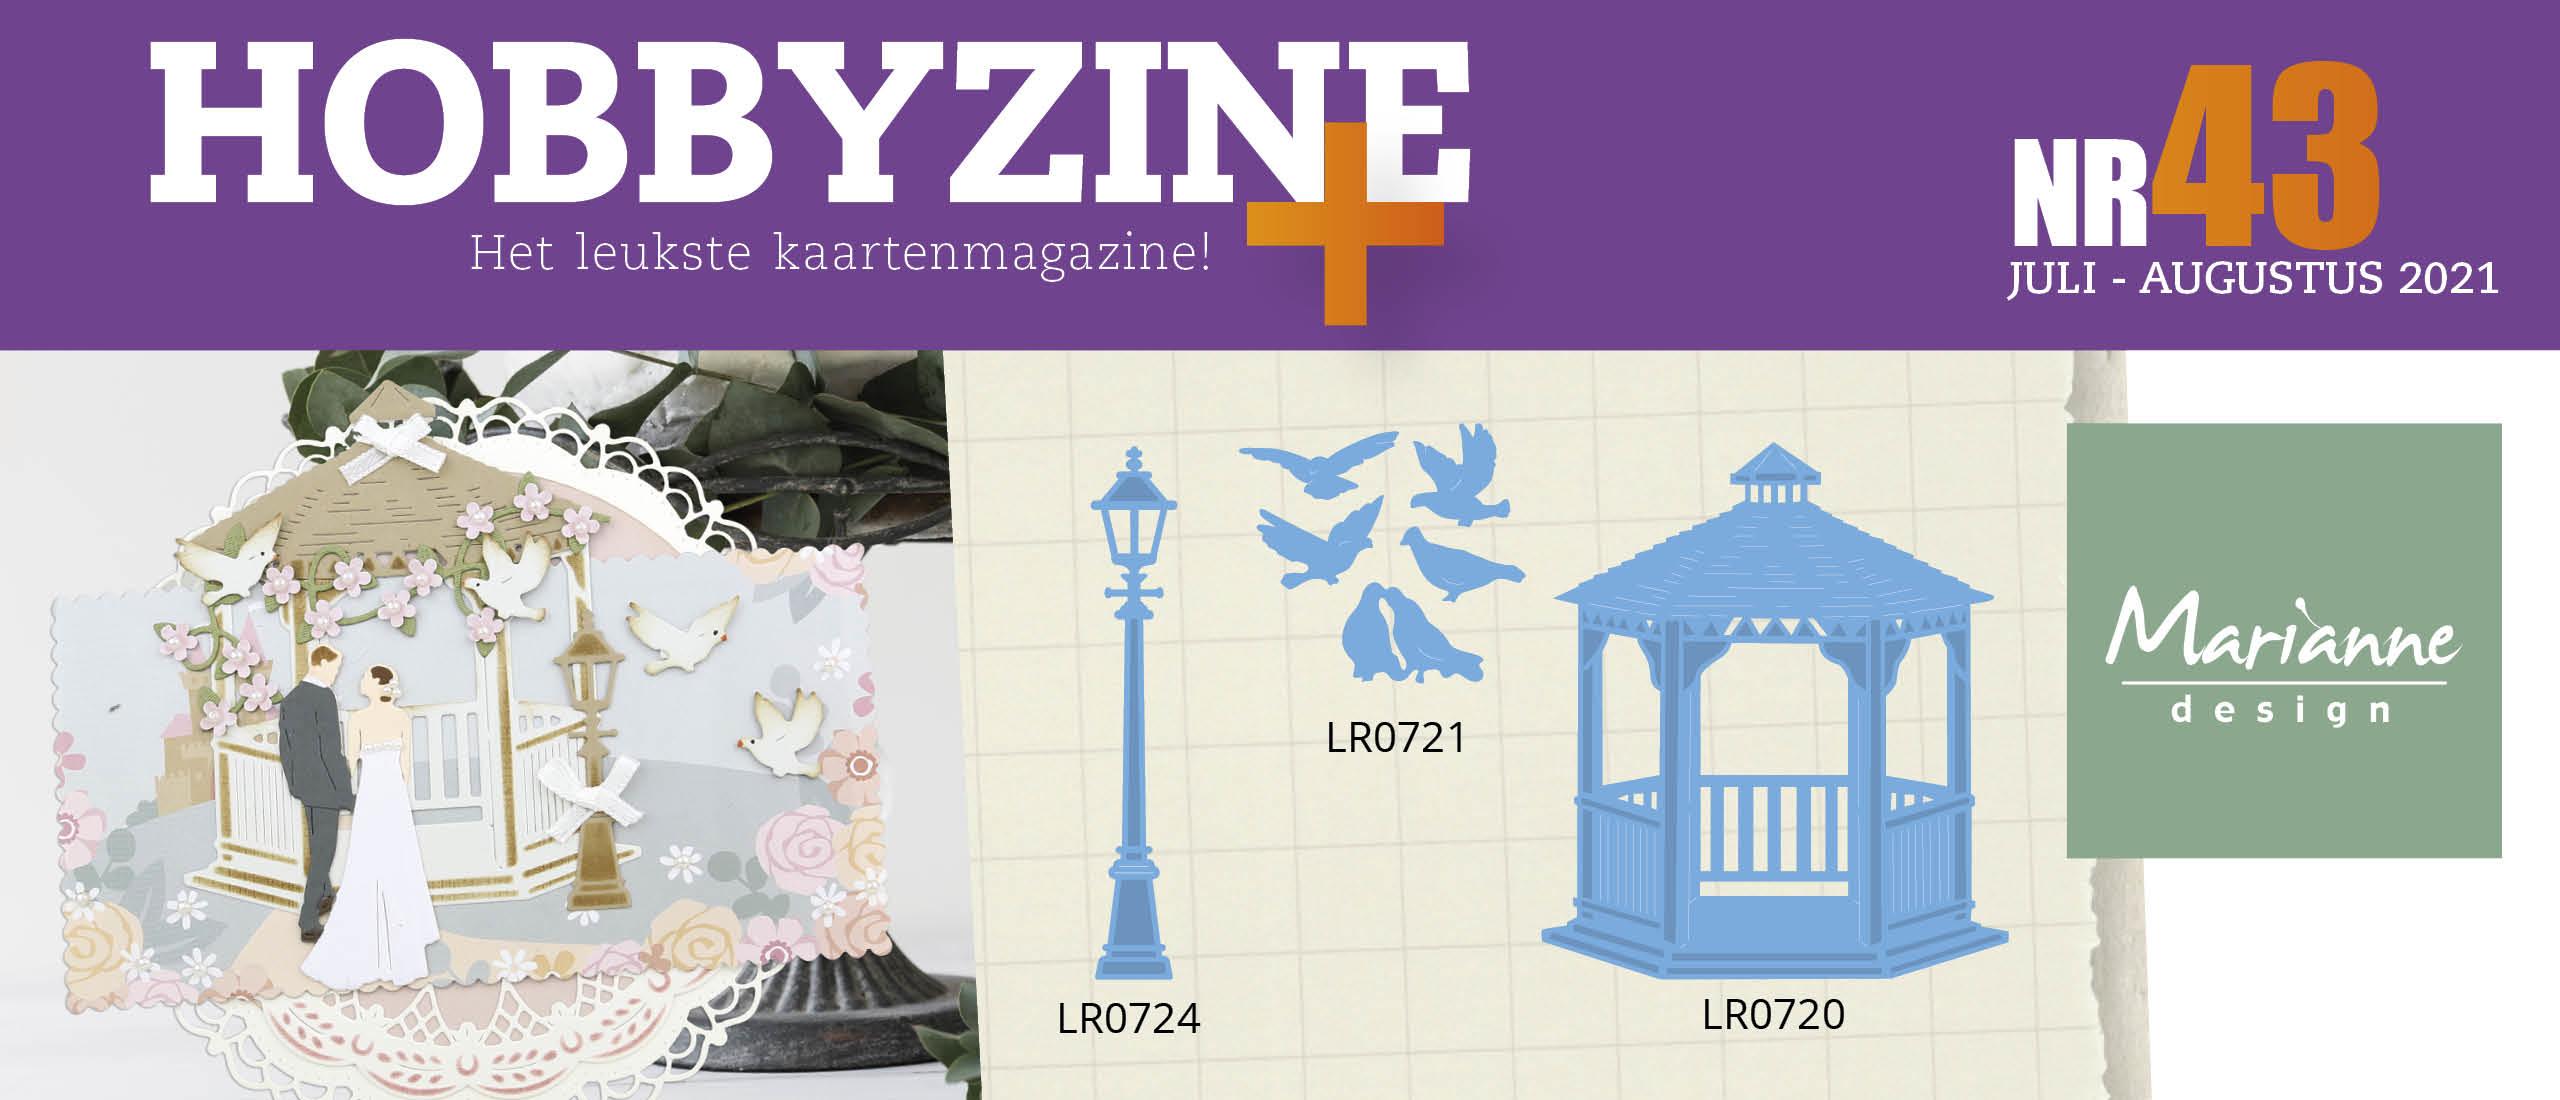 Marianne Design in Hobbyzine 43